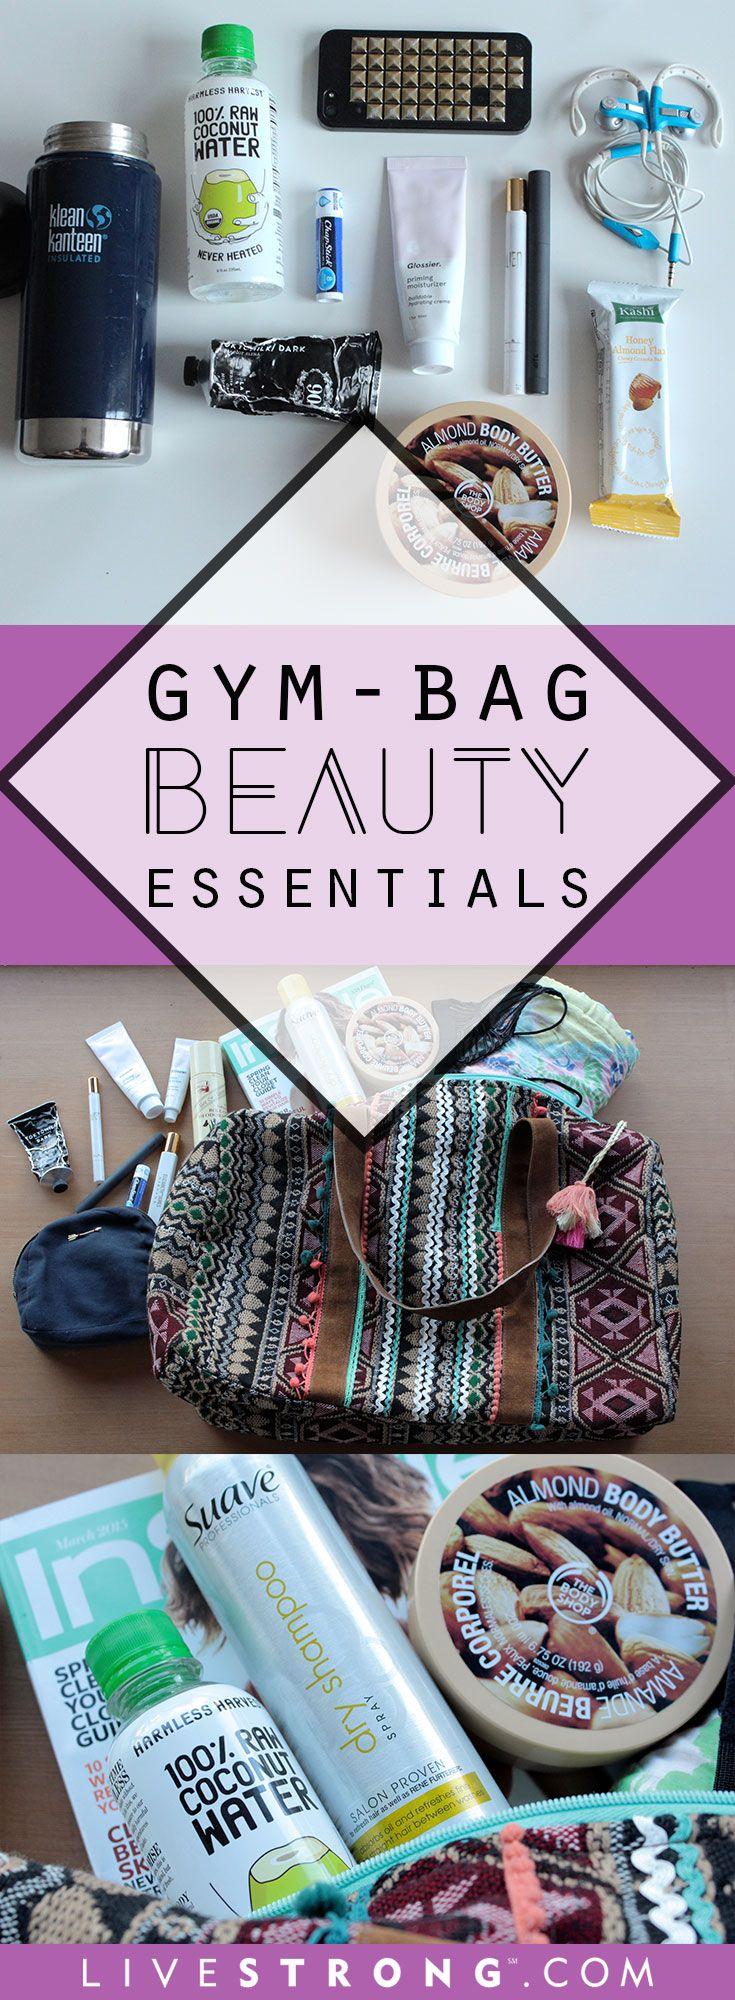 The essentials.